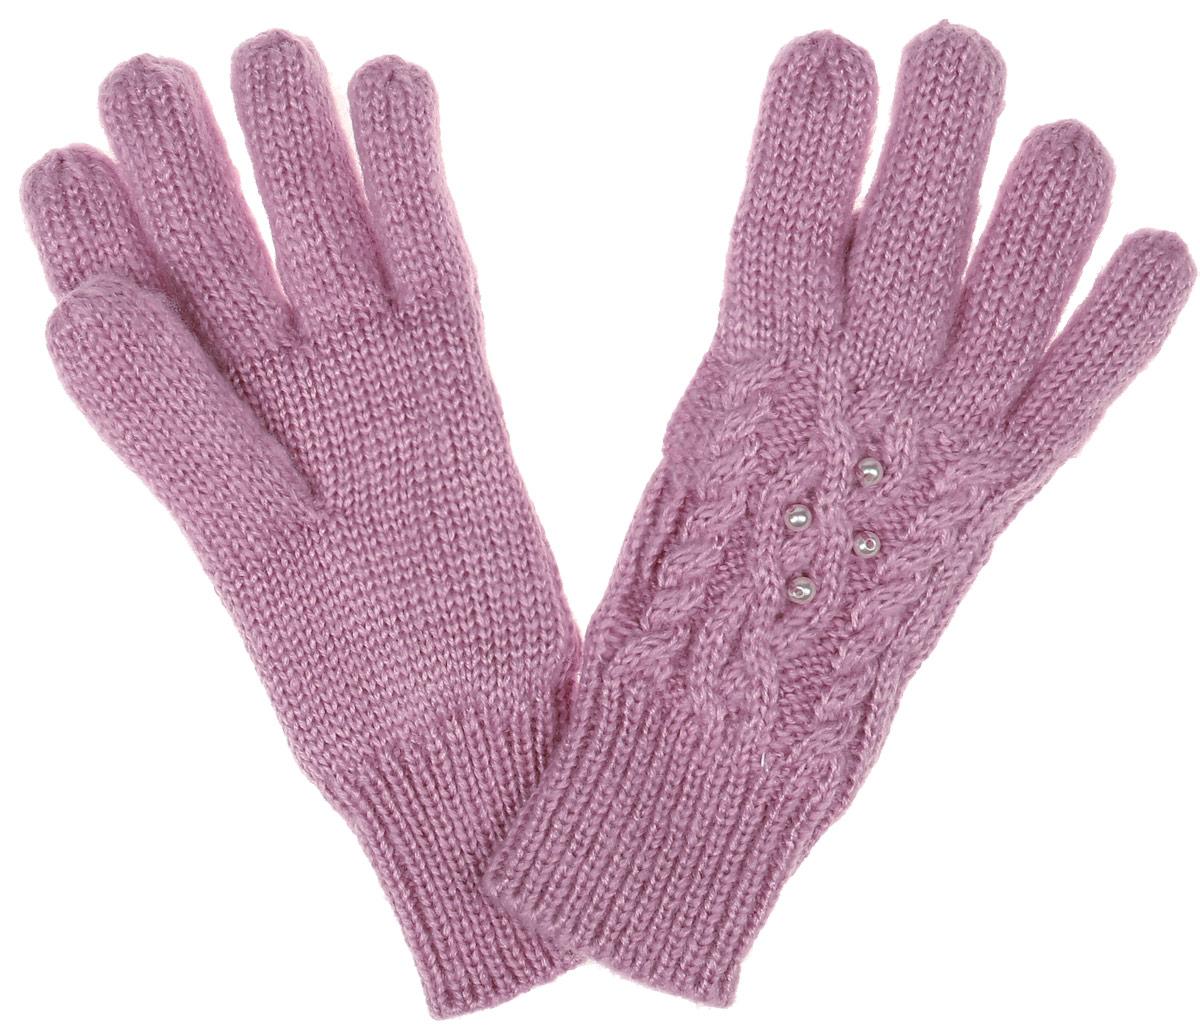 Перчатки детскиеGL-643/053AK-6404Вязаные перчатки для девочки Sela идеально подойдут вашей дочурке для прогулок в прохладное время года. Изготовленные из акрила, они необычайно мягкие и приятные на ощупь, не сковывают движения и позволяют коже дышать, не раздражают нежную кожу ребенка, обеспечивая ему наибольший комфорт, хорошо сохраняют тепло. Внутри мягкая и приятная на ощупь подкладка выполненная из 100% полиэстера. Перчатки дополнены широкими эластичными манжетами, не стягивающими запястья и надежно фиксирующими их на ручках ребенка. Манжеты связаны крупной резинкой. Оформлены перчатки имитацией жемчуга. Оригинальный дизайн и расцветка делают эти перчатки модным и стильным предметом детского гардероба. В них ваша маленькая модница будет чувствовать себя уютно и комфортно и всегда будет в центре внимания!